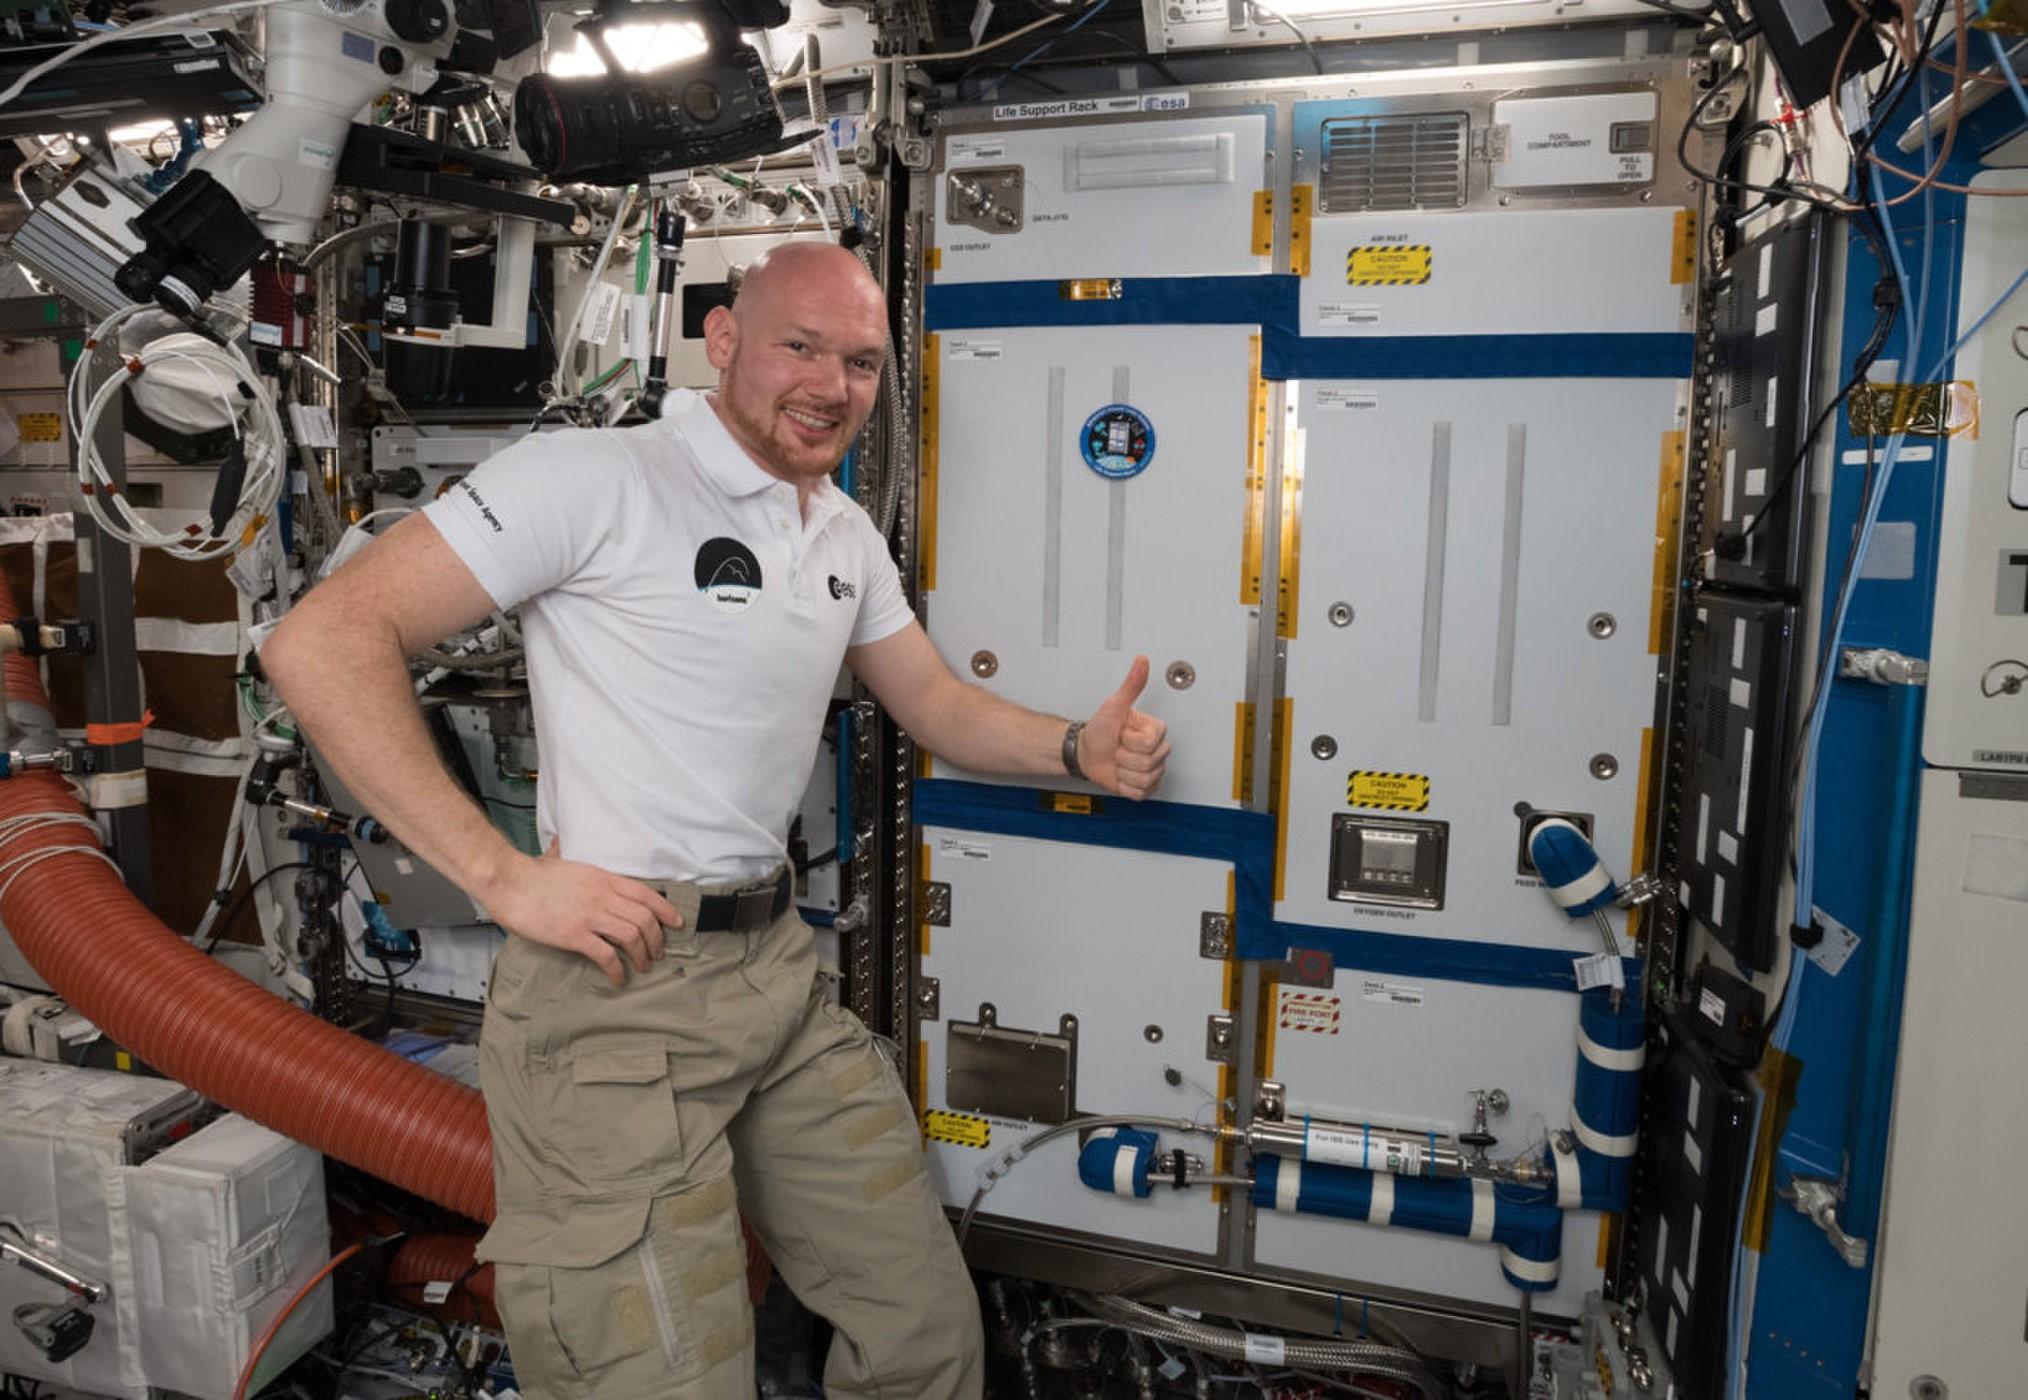 技术突破:国际空间站新安装的生命支持系统 未来将无限期地维持航天员生命活动